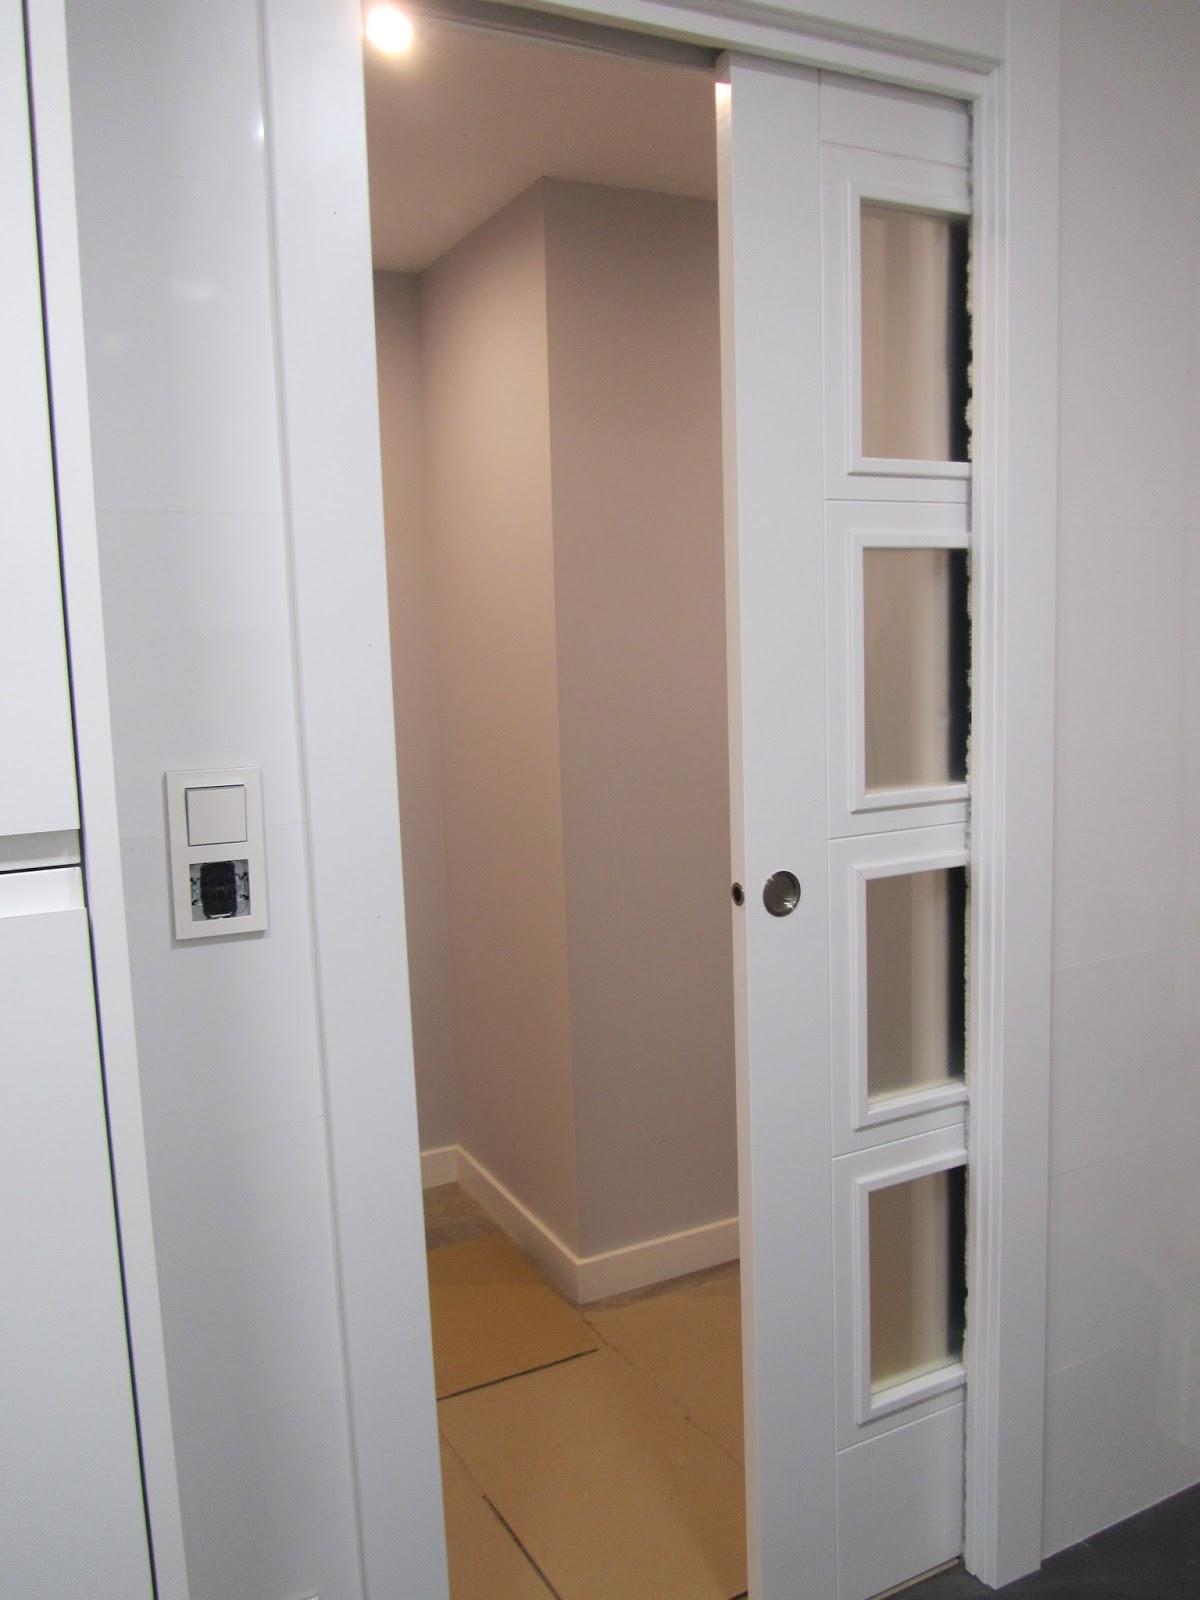 Puertas lozano venta puertas lacadas blancas puerta for Puertas correderas plegables ikea